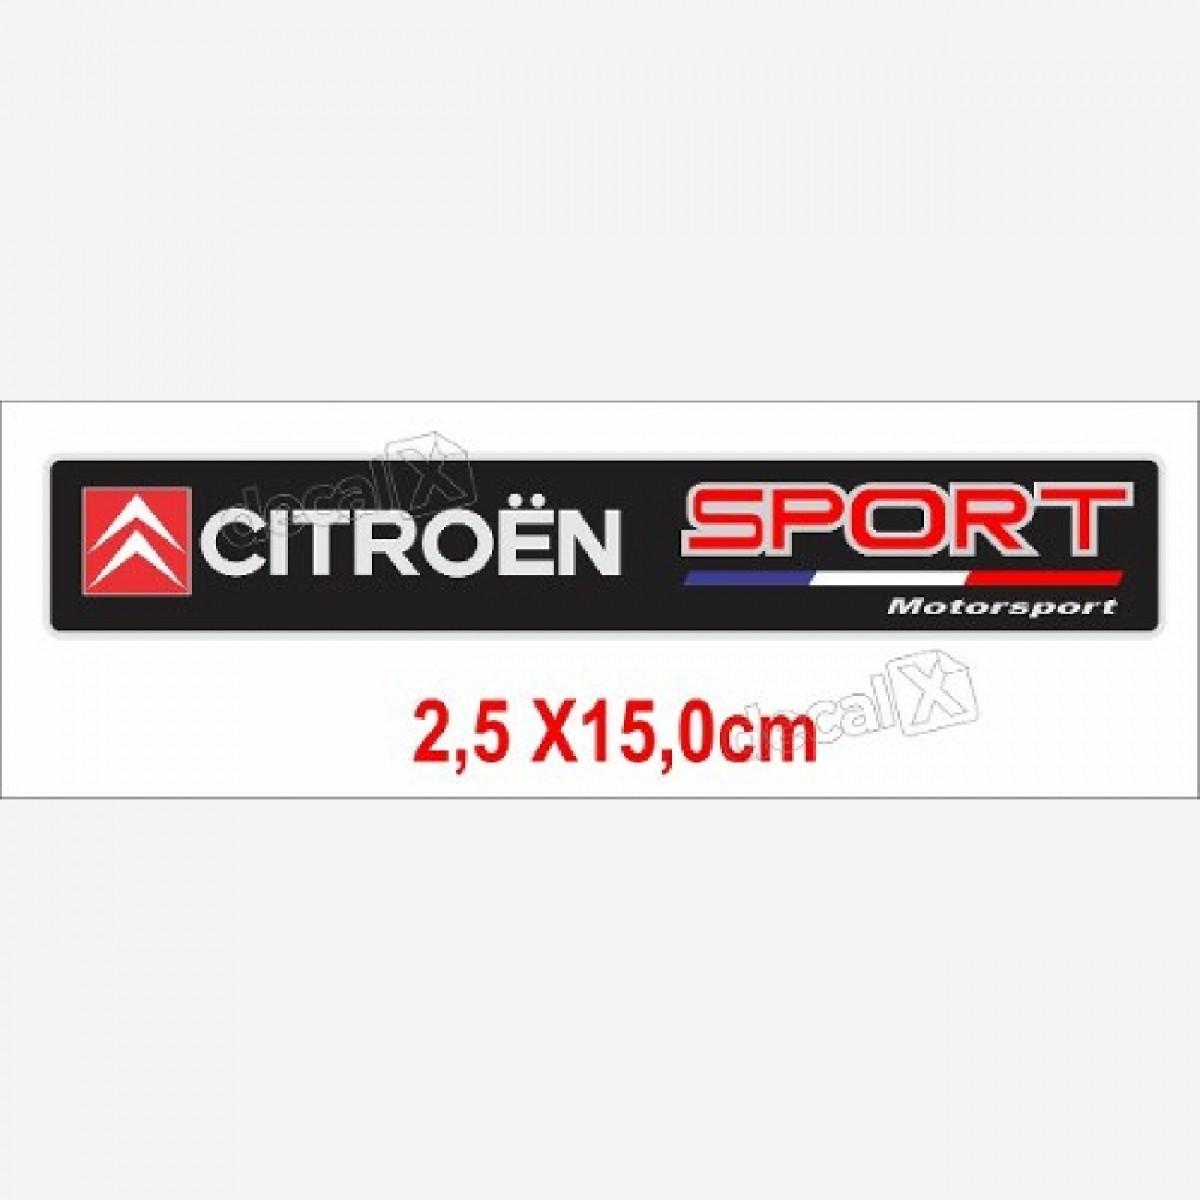 Emblema Adesivo Resinado Citroen Motorsport Decalx